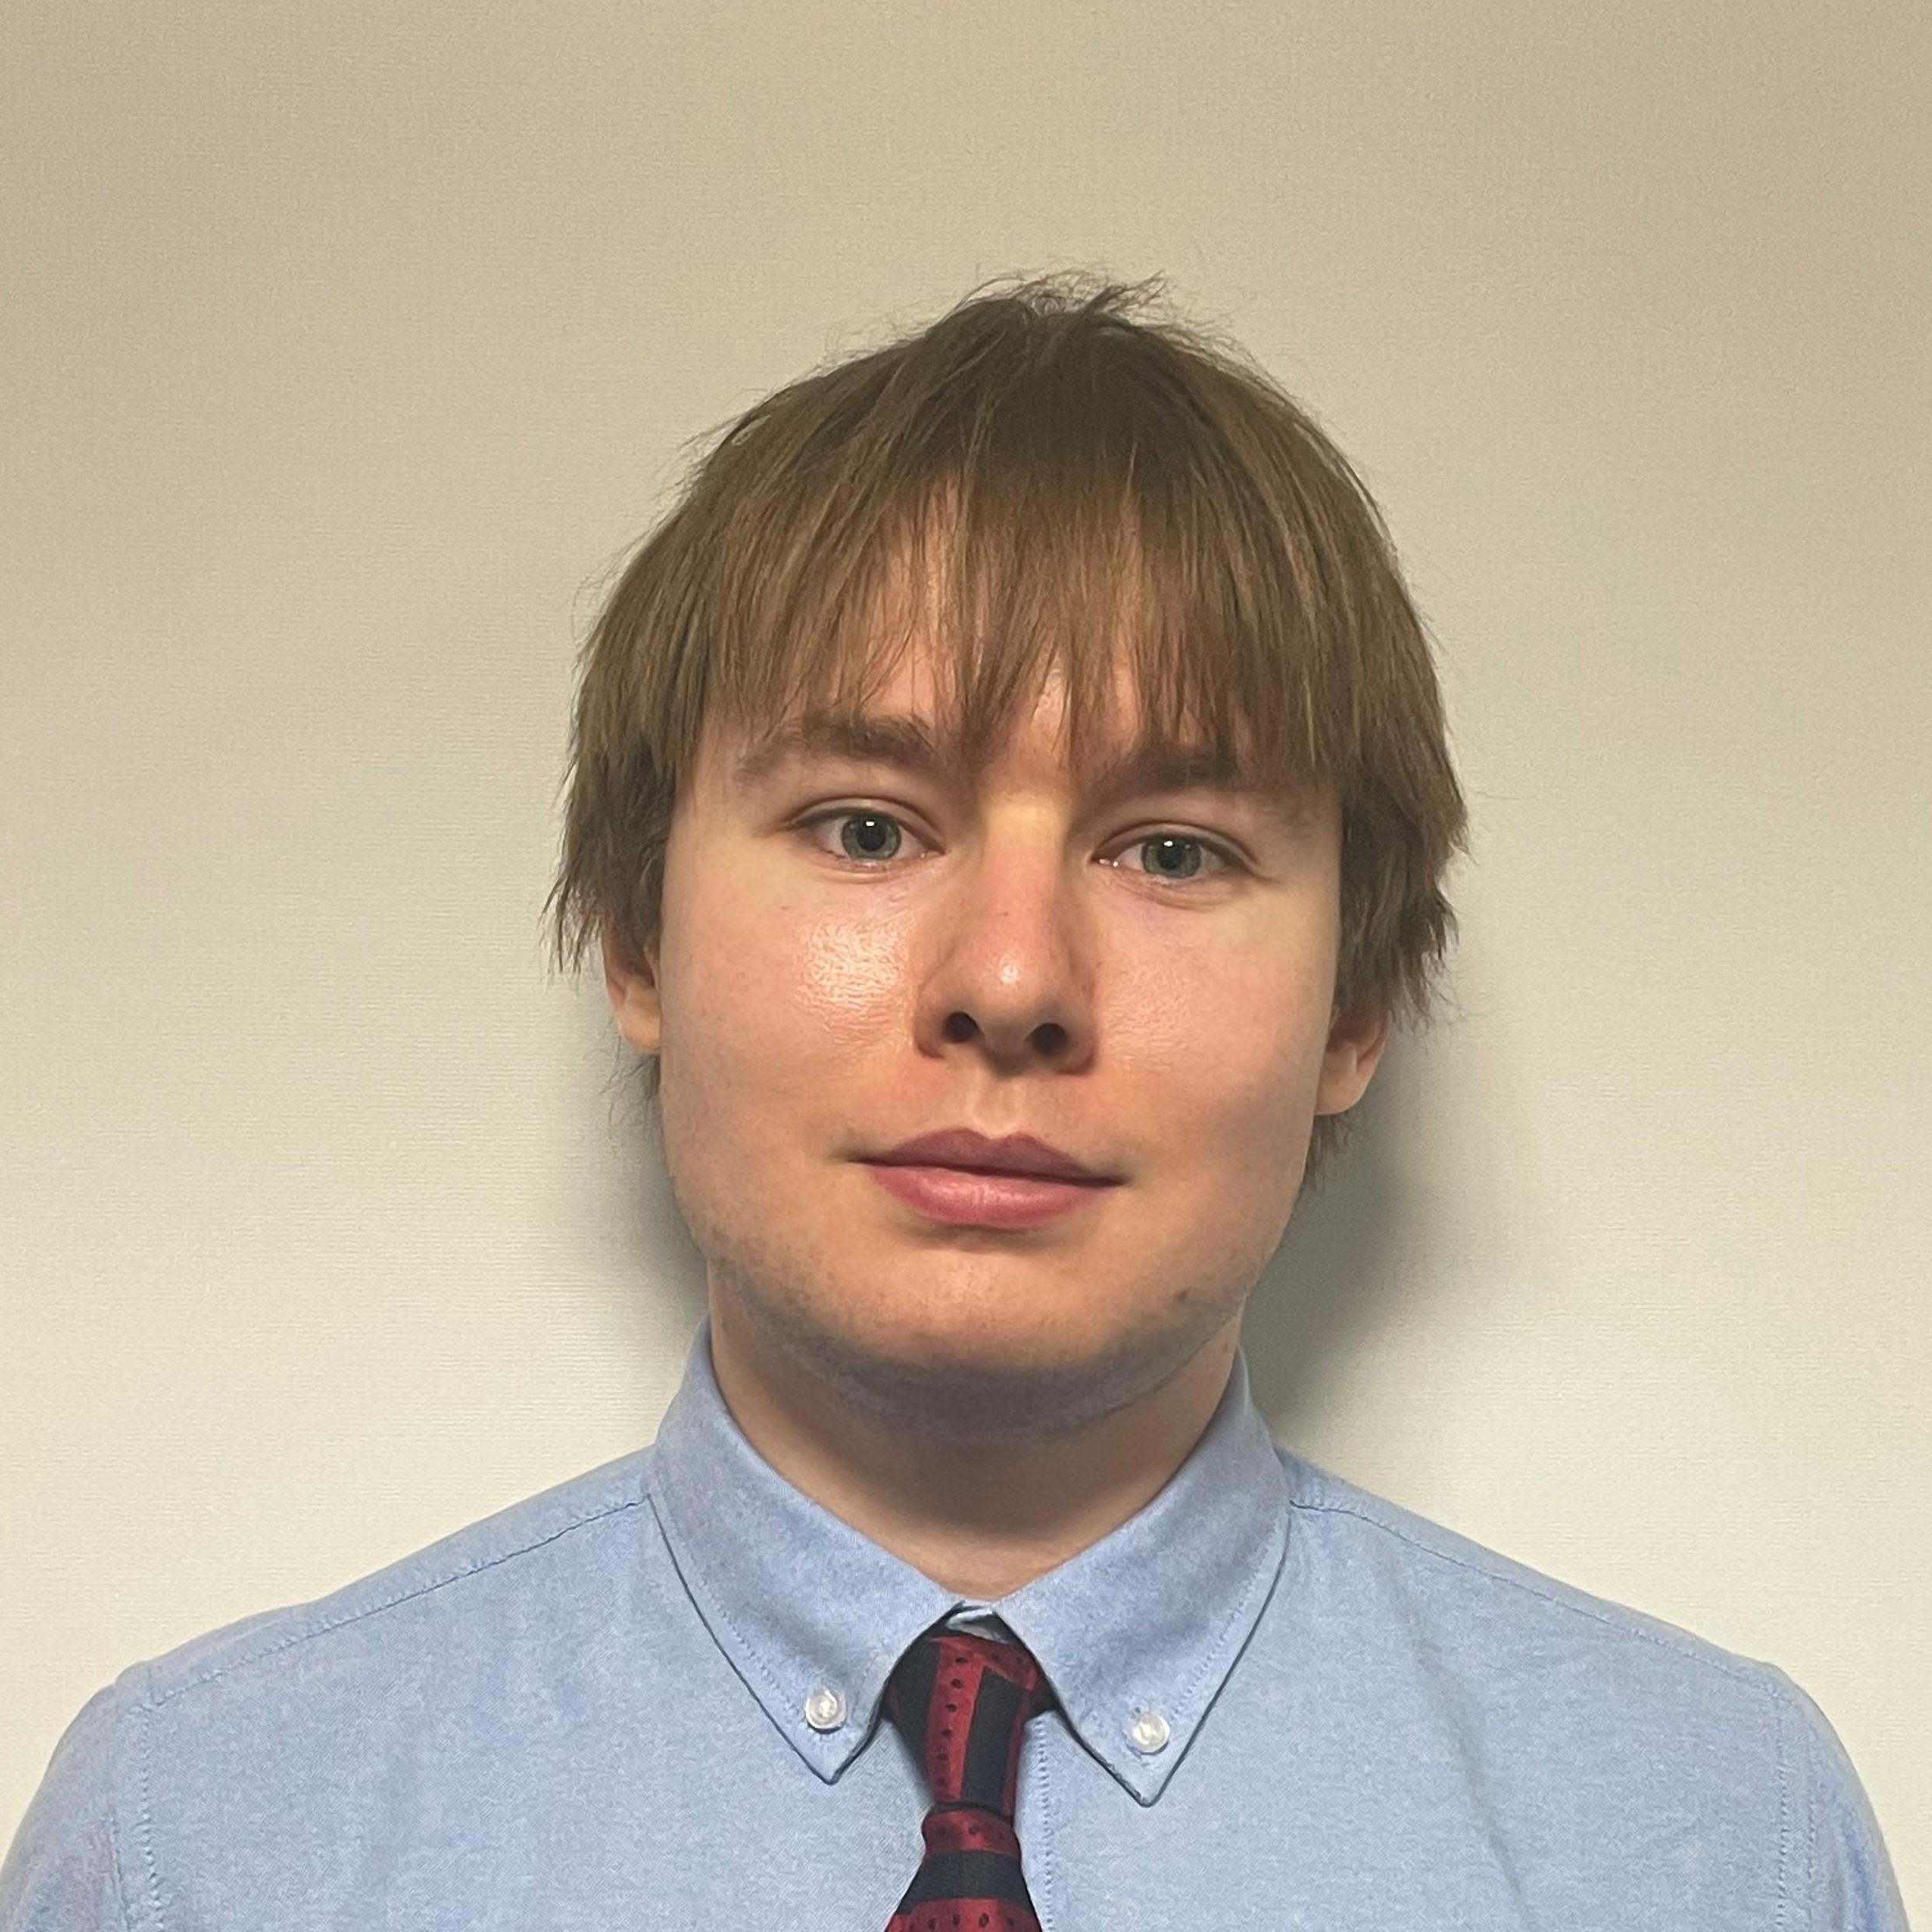 profile picture of alex devon